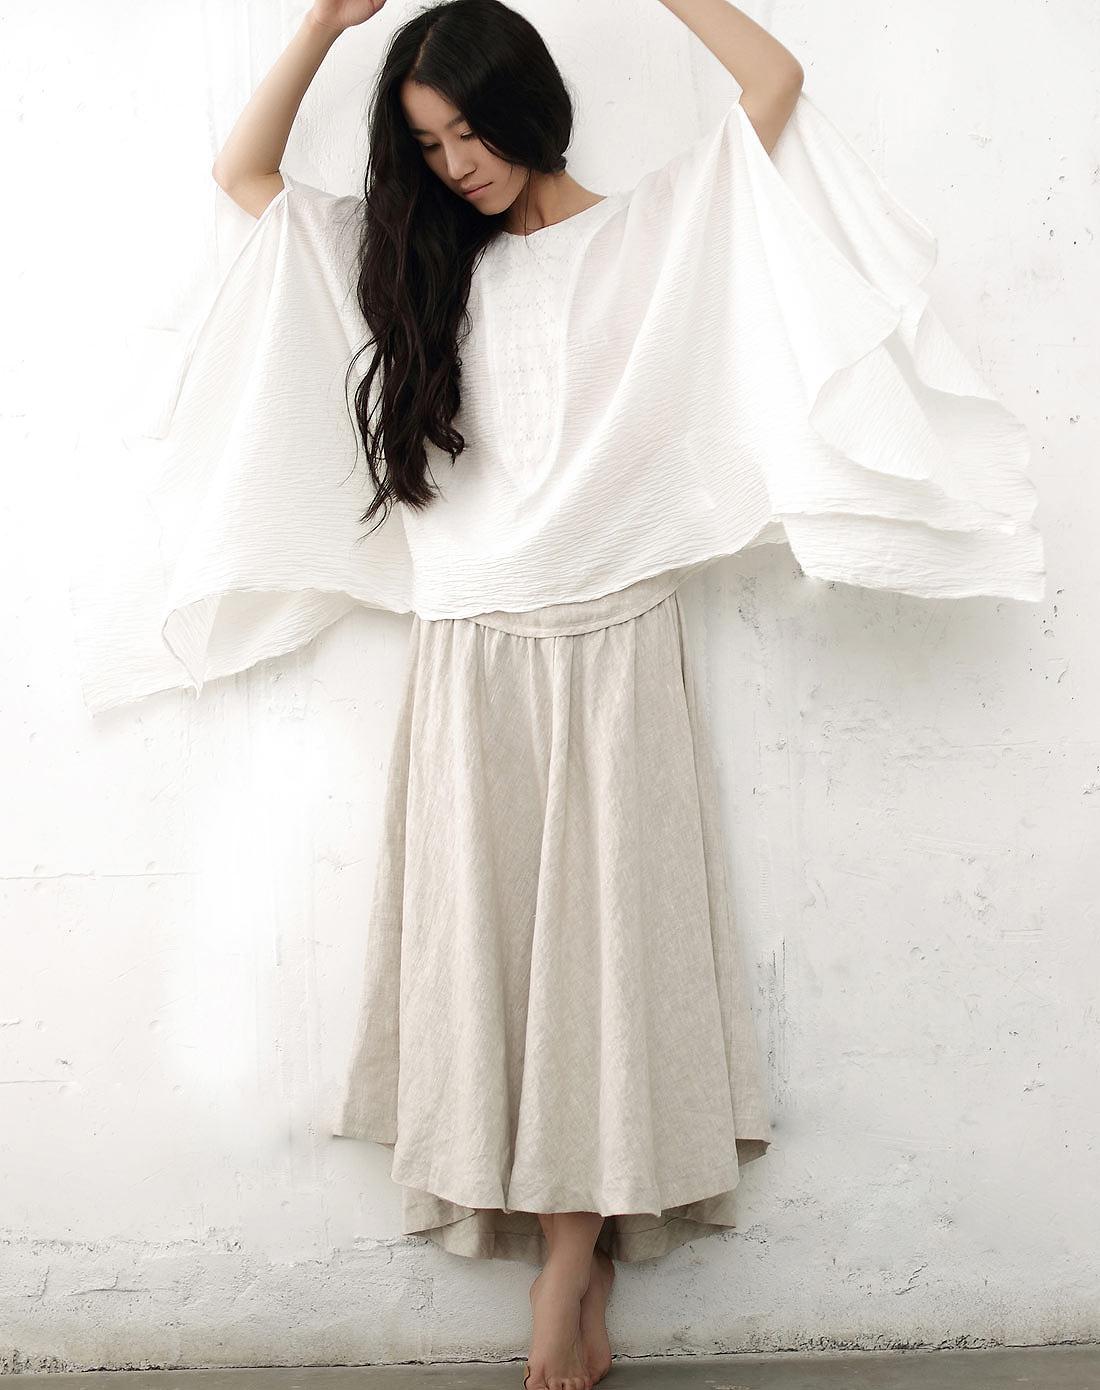 素缕souline白色长袖衬衫sl27980076图片